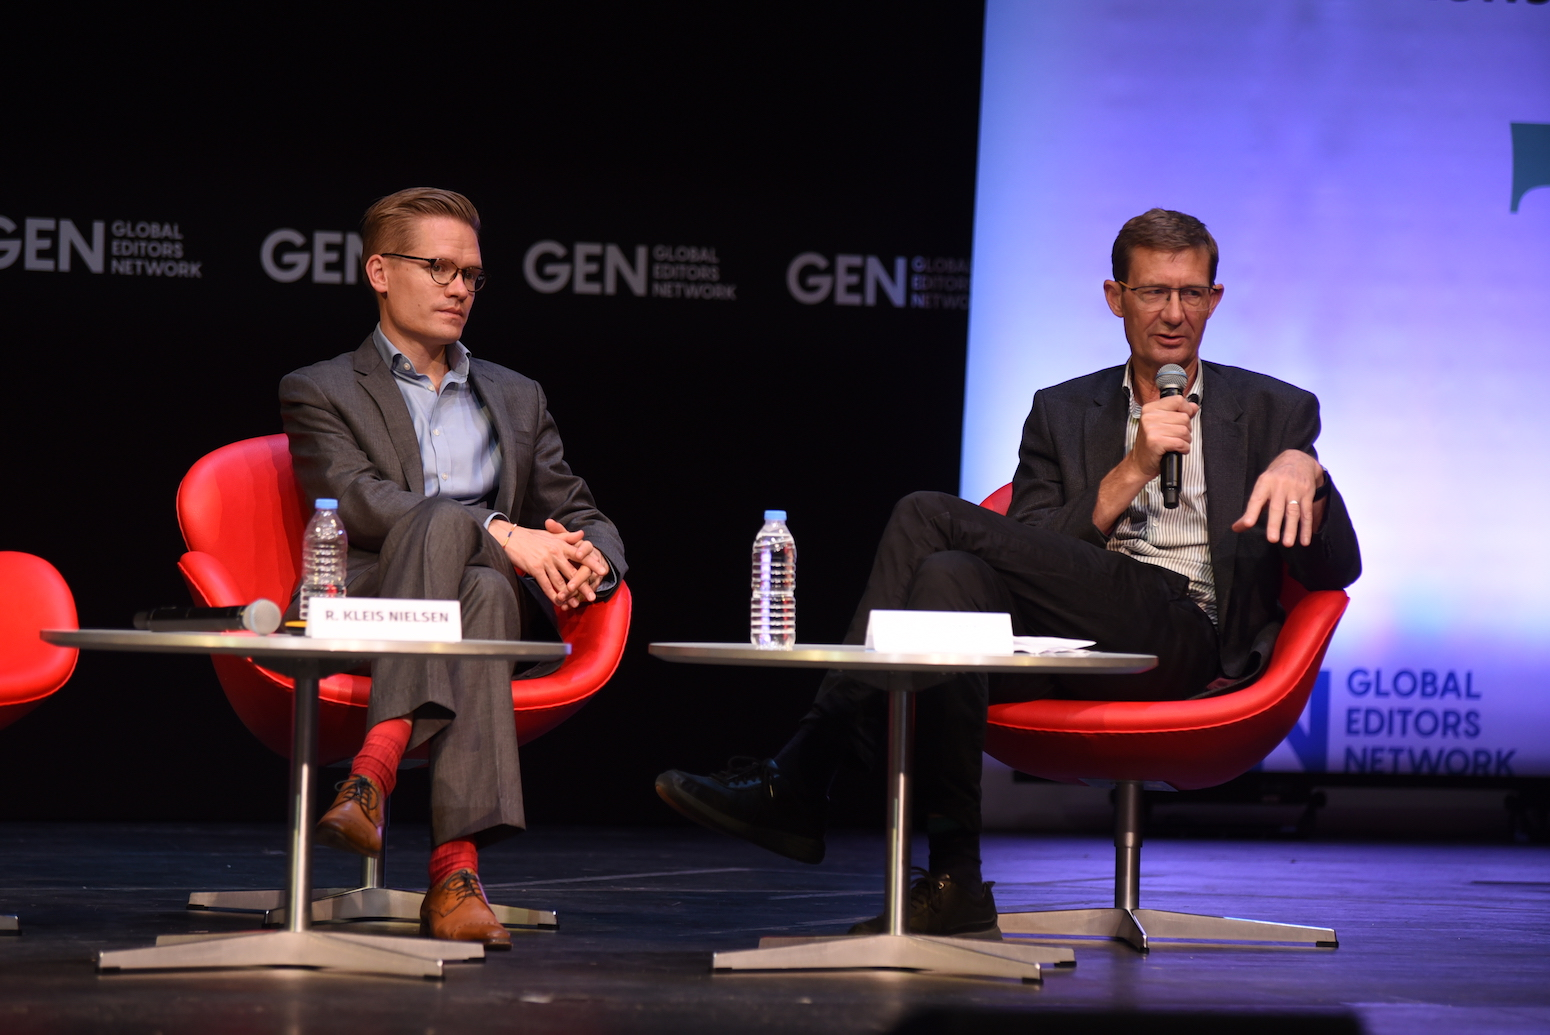 Nic Newman (dreta) i Rasmus Kleis Nielsen, dos dels autors de l'informe del Reuters Institute, a Atenes l'estiu de 2019 | Maro Kouri (GEN)